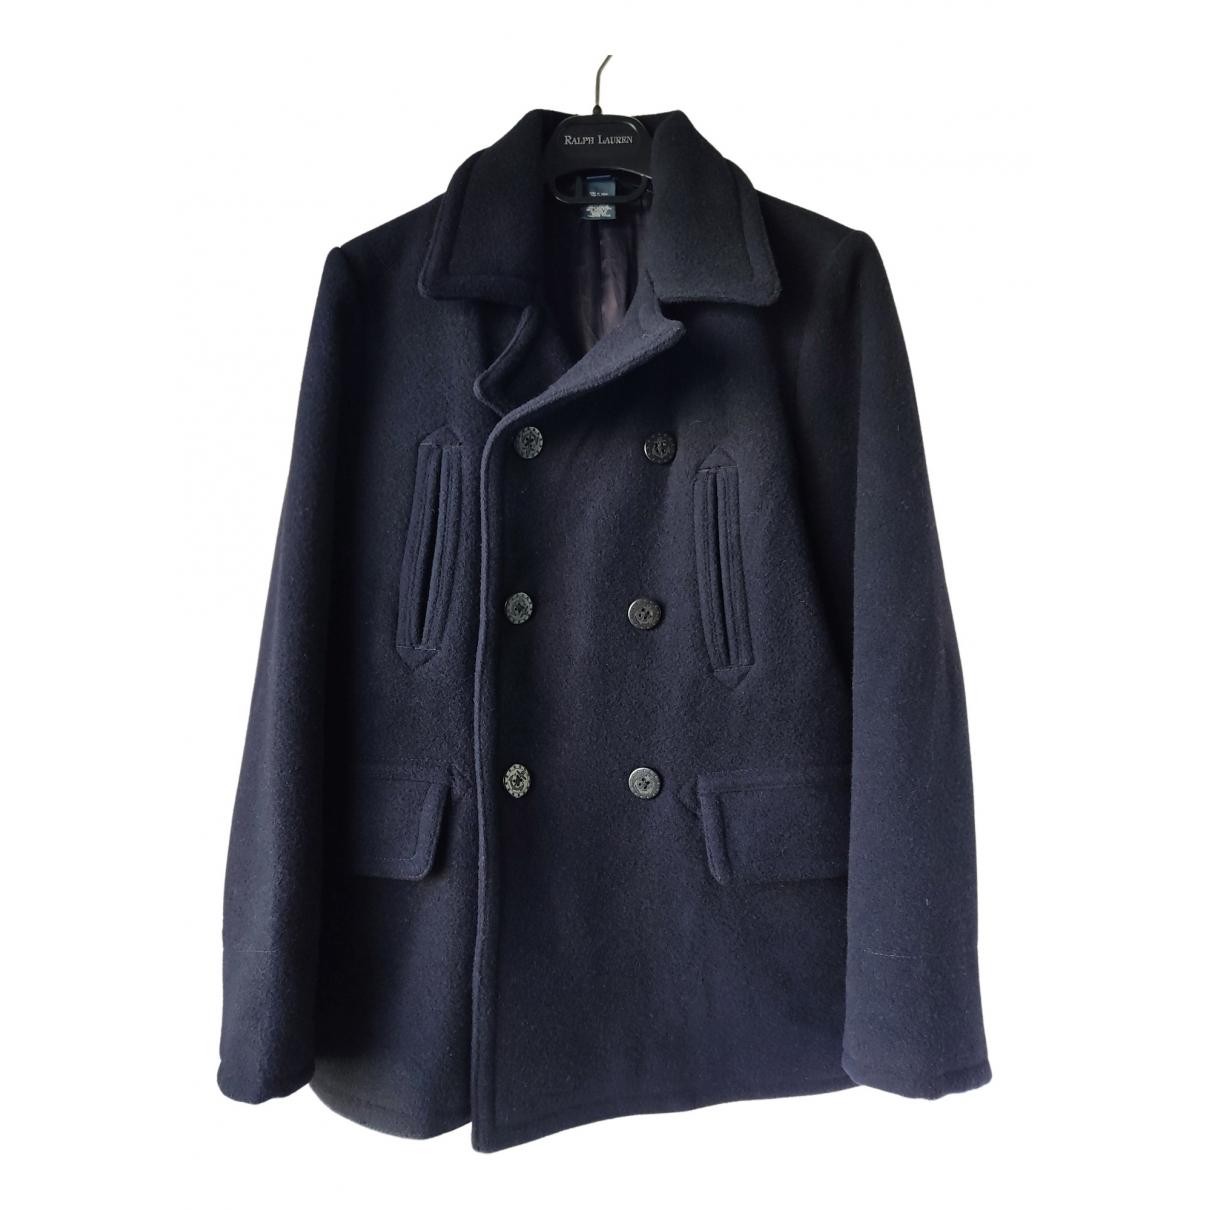 Polo Ralph Lauren \N Jacke, Maentel in  Blau Wolle